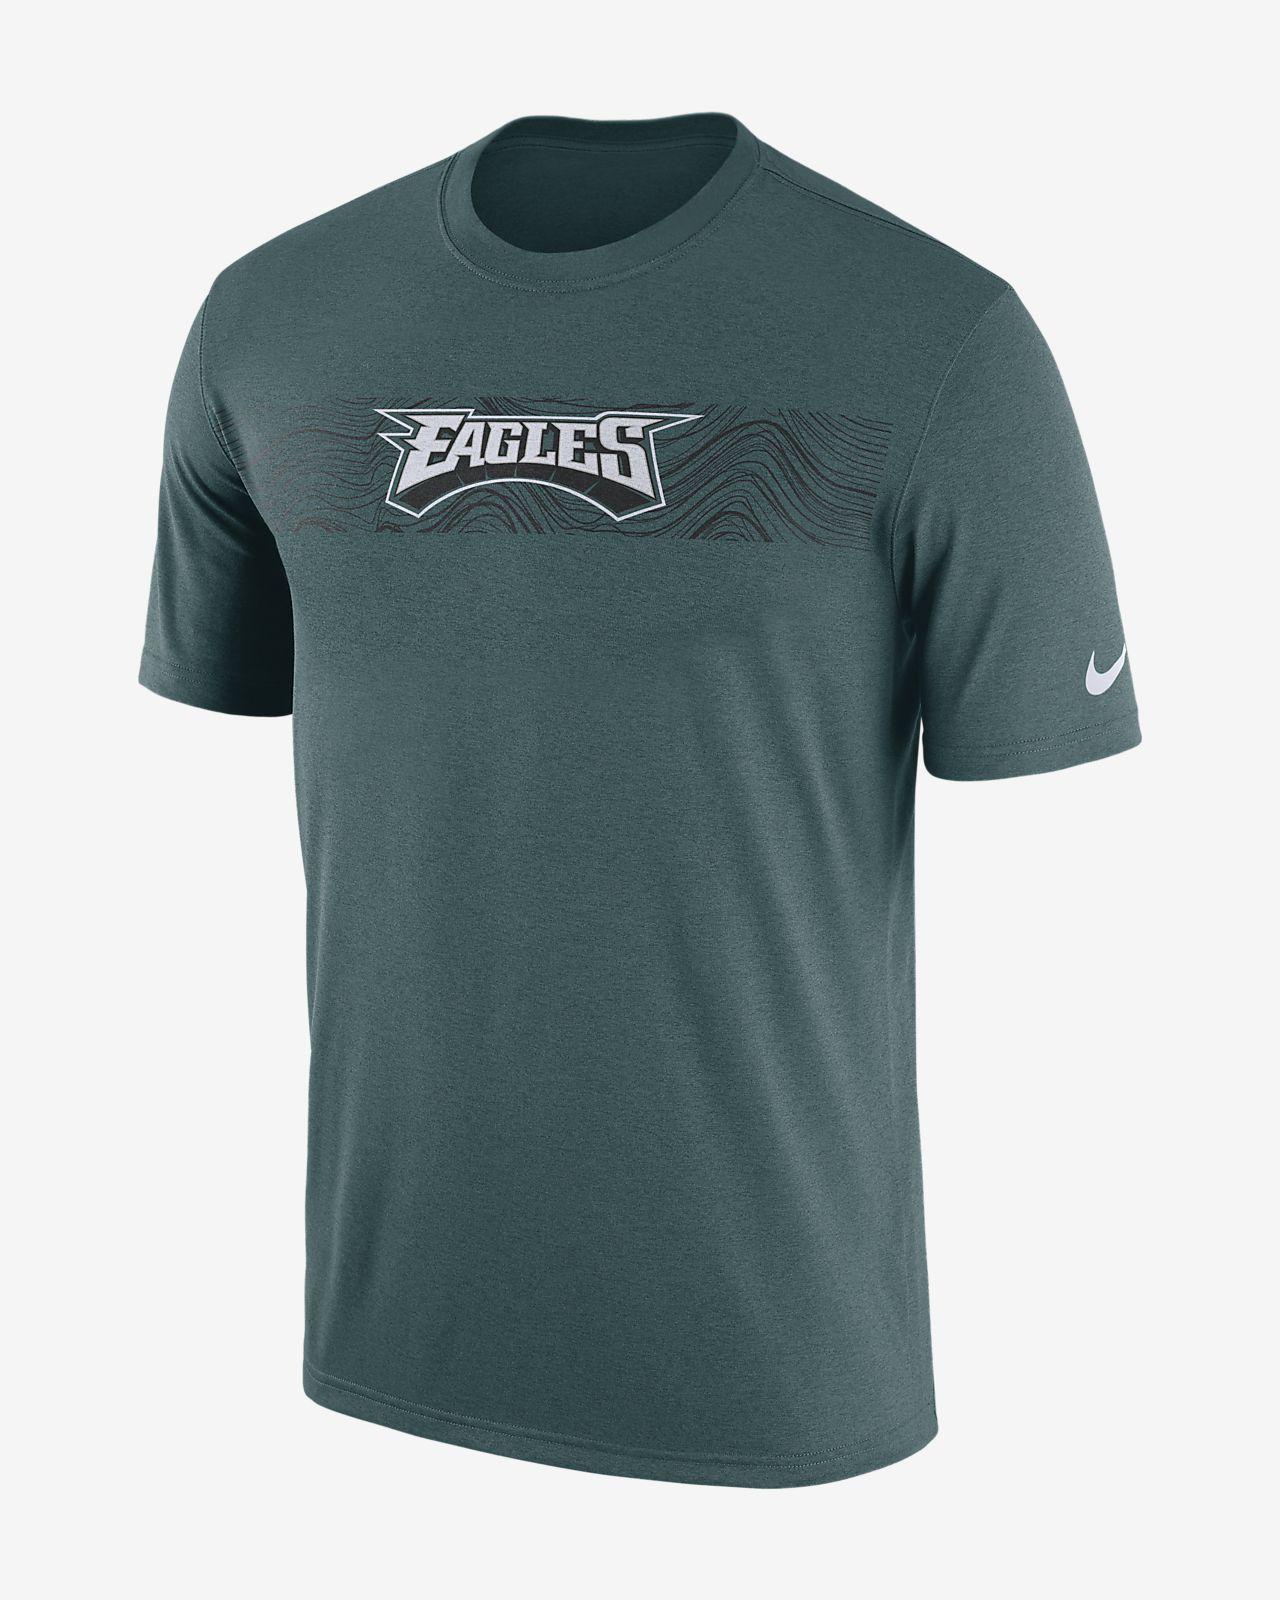 Nike Tee-shirt Dri-FIT Legend Seismic (NFL Eagles) pour Homme choix Livraison Gratuite Authentique Obtenir De Nouvelles 100% Authentiques En Ligne Qualité Supérieure Vente 2notY